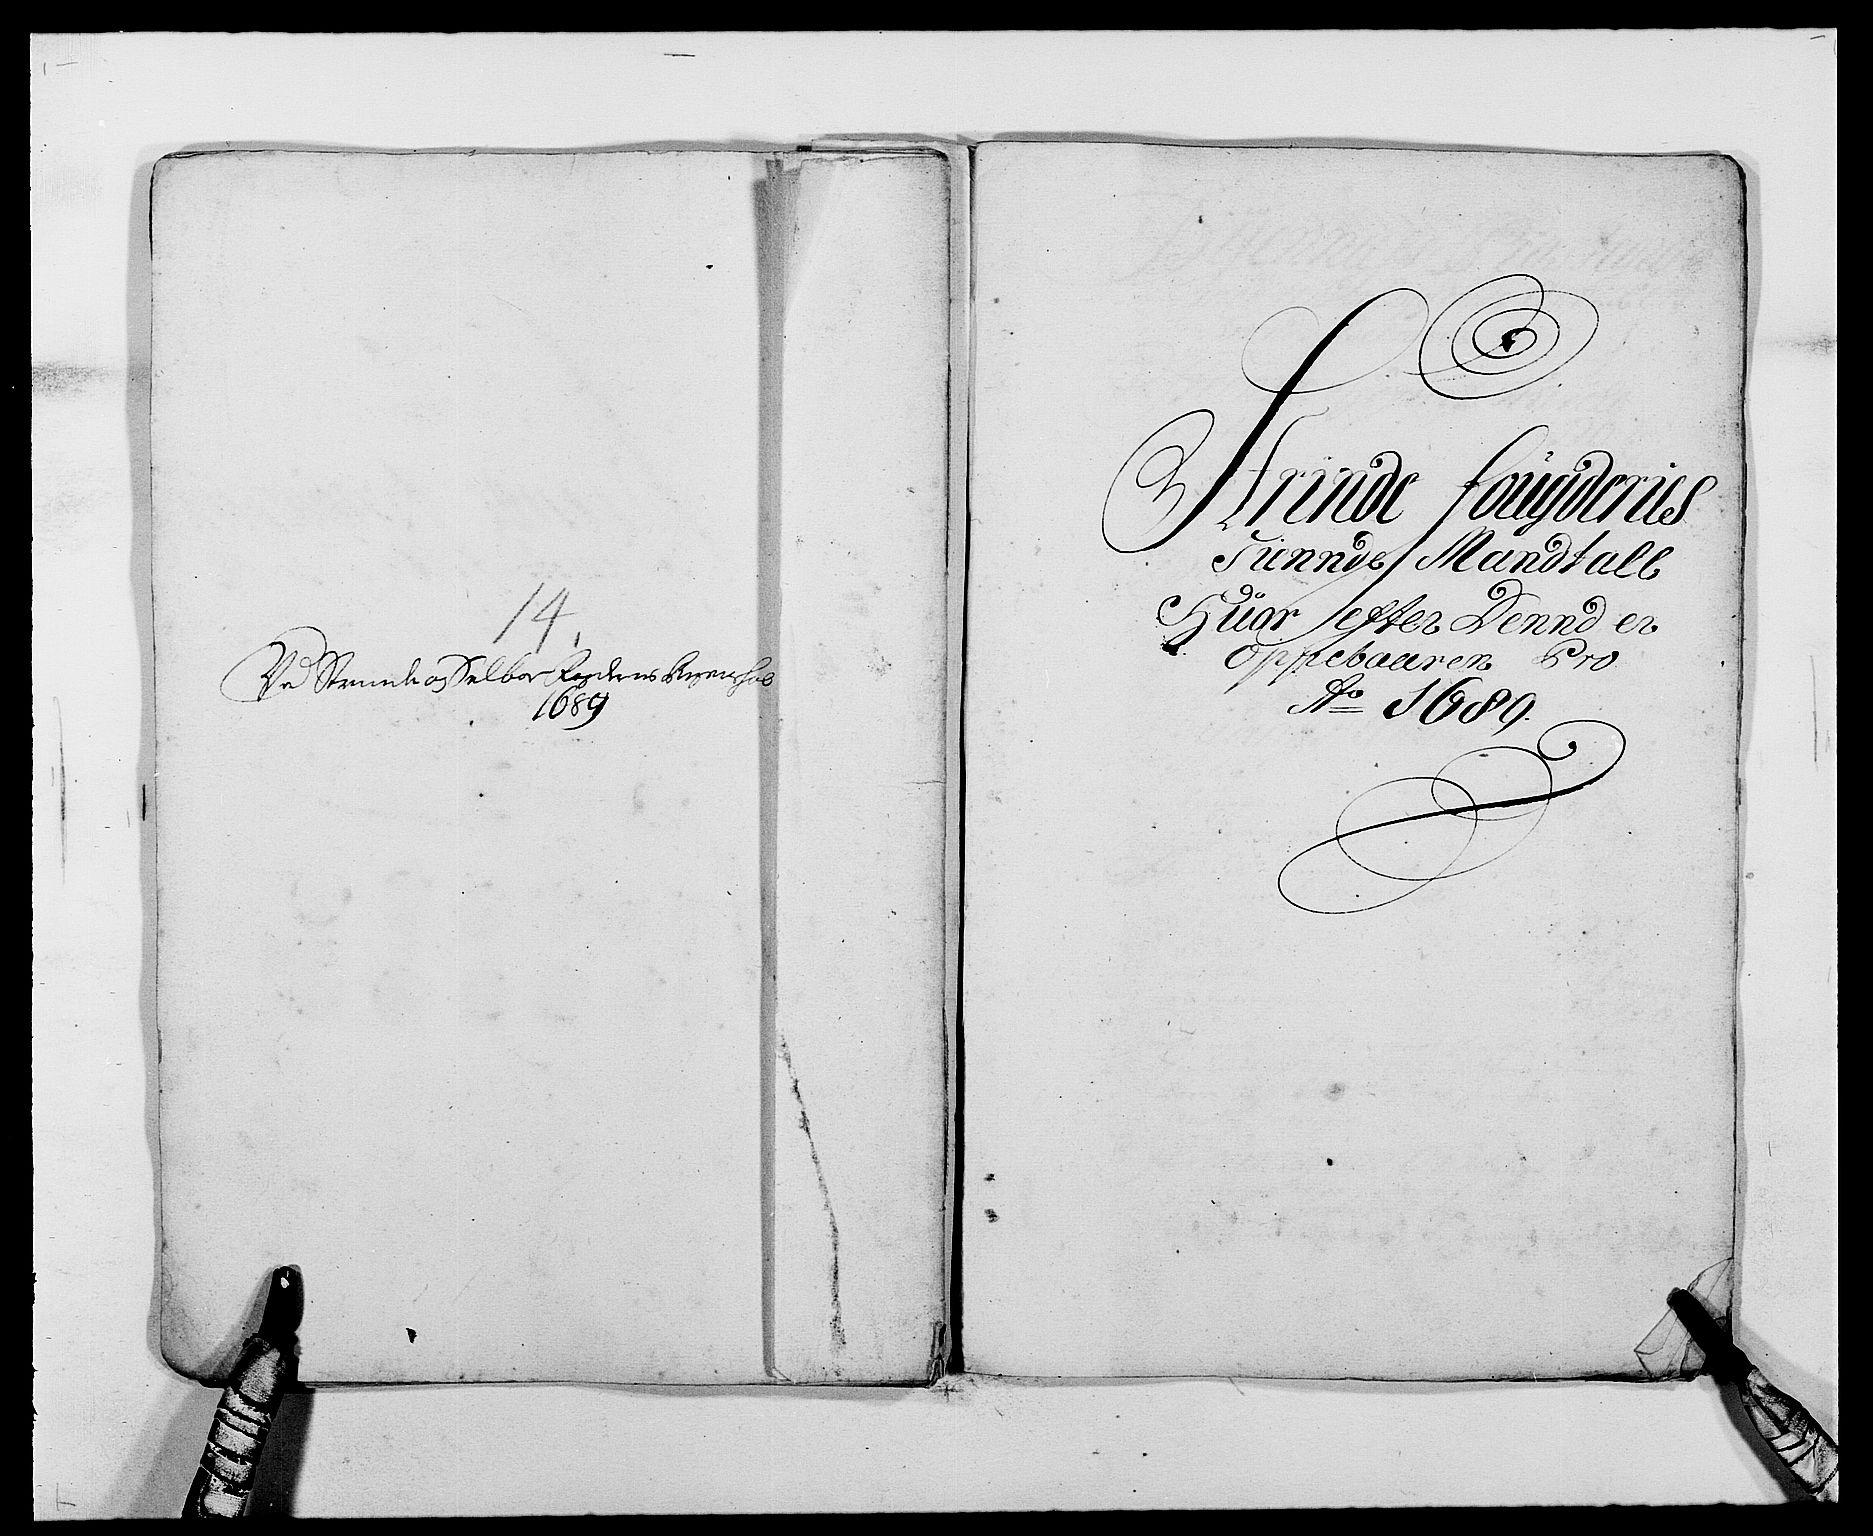 RA, Rentekammeret inntil 1814, Reviderte regnskaper, Fogderegnskap, R61/L4102: Fogderegnskap Strinda og Selbu, 1689-1690, s. 85